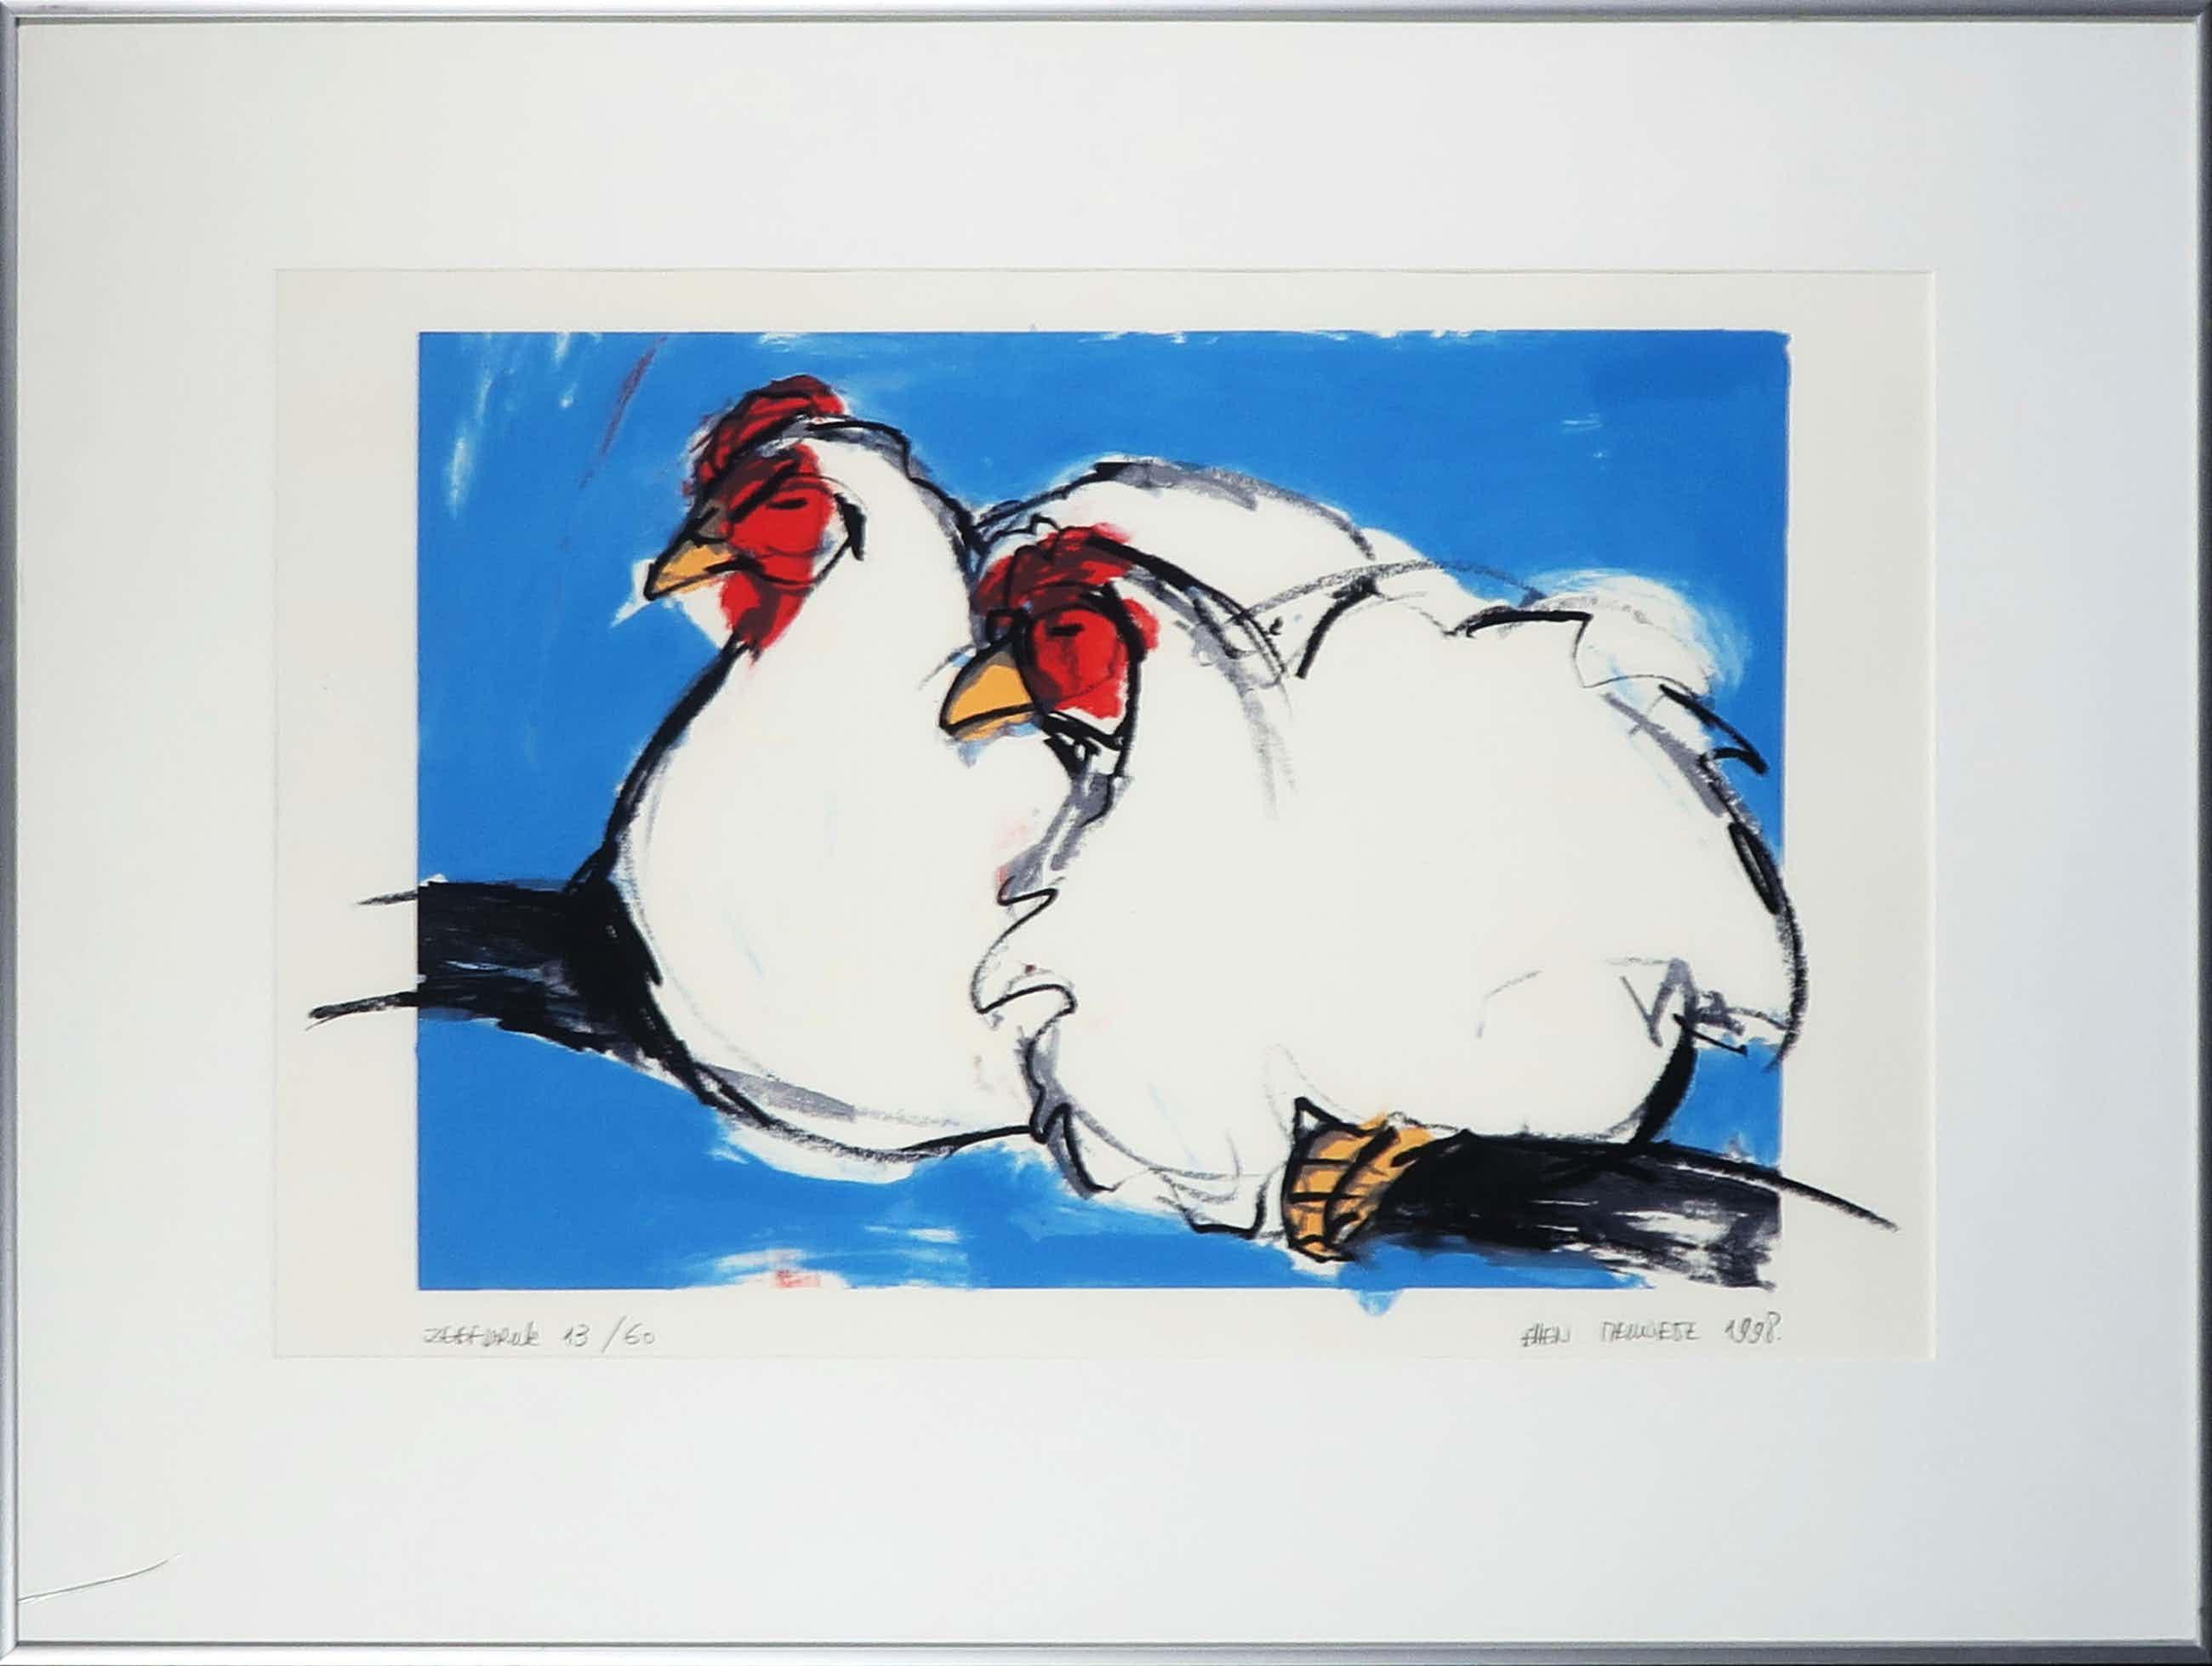 Ellen Meuwese - Zeefdruk, Kippen op stok - Ingelijst kopen? Bied vanaf 35!